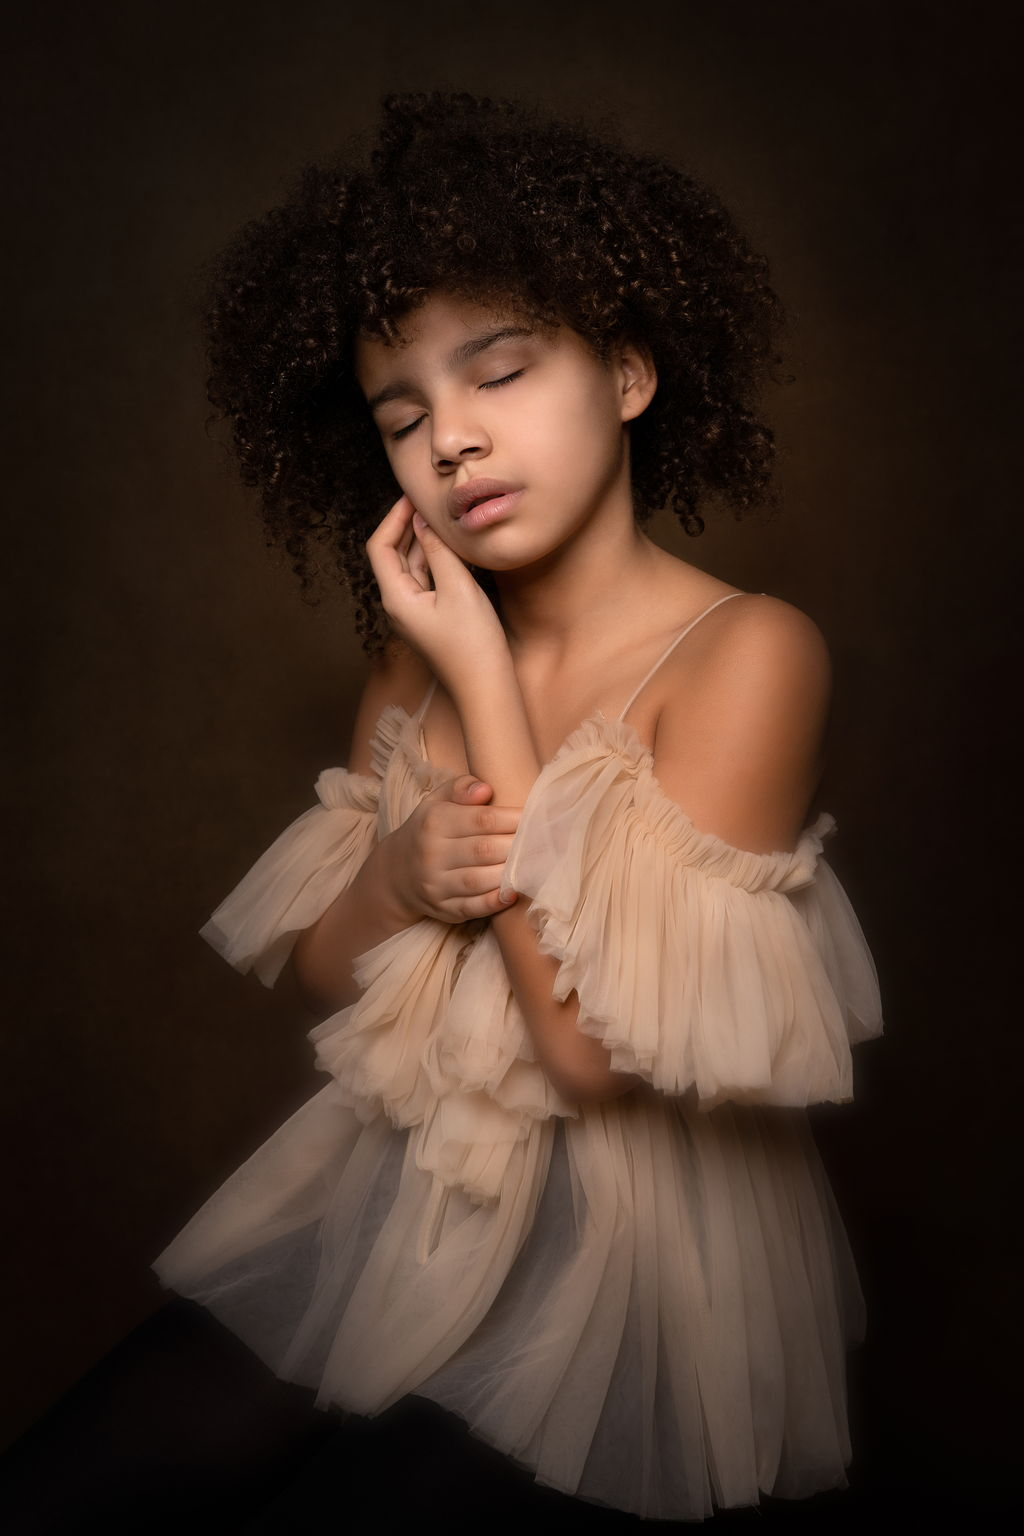 Zdjęcie dziecka portret